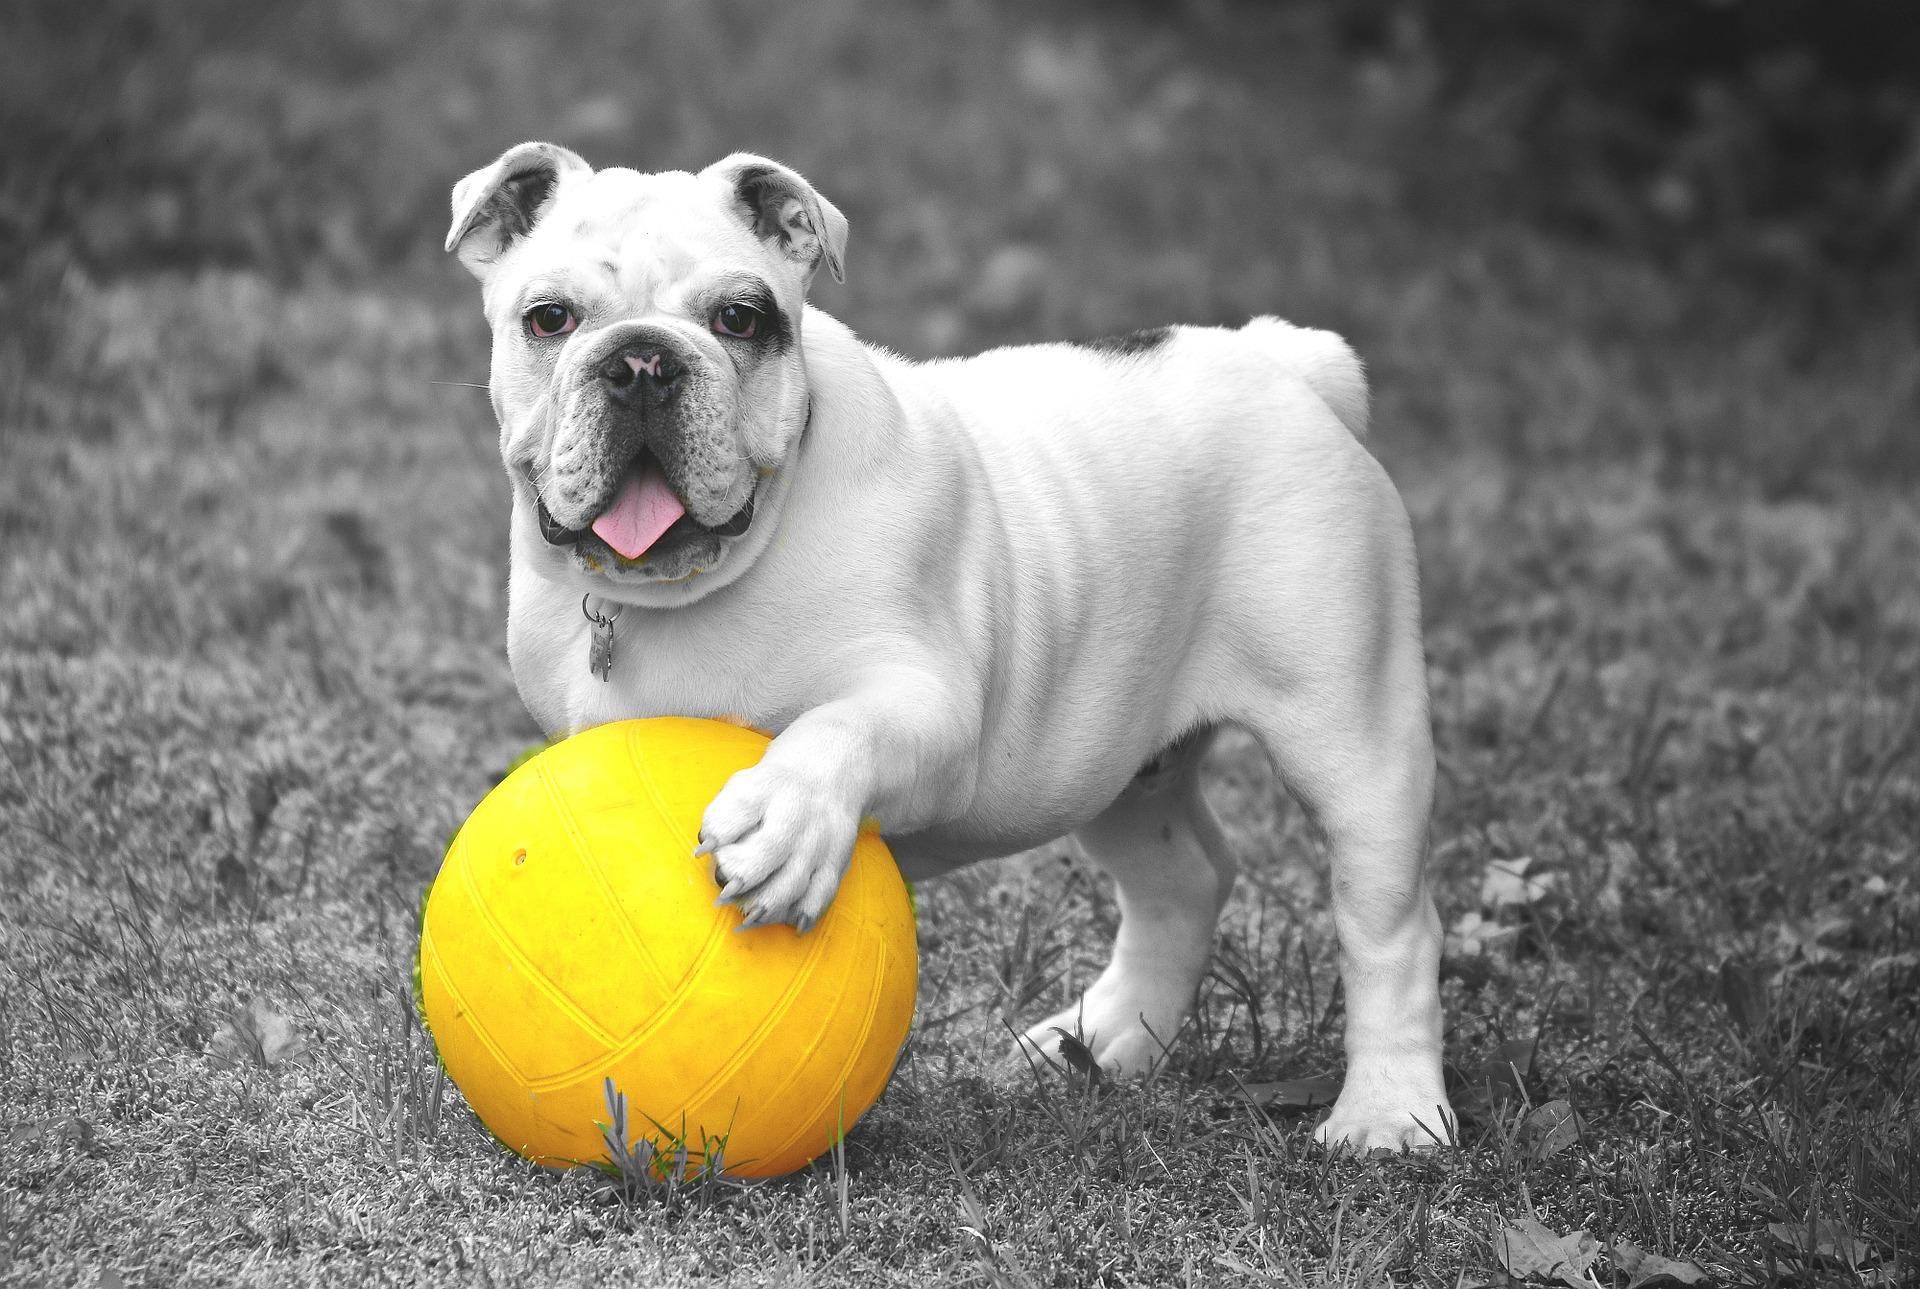 cane, palla, Animale domestico, in bianco e nero, gioco - Sfondi HD - Professor-falken.com